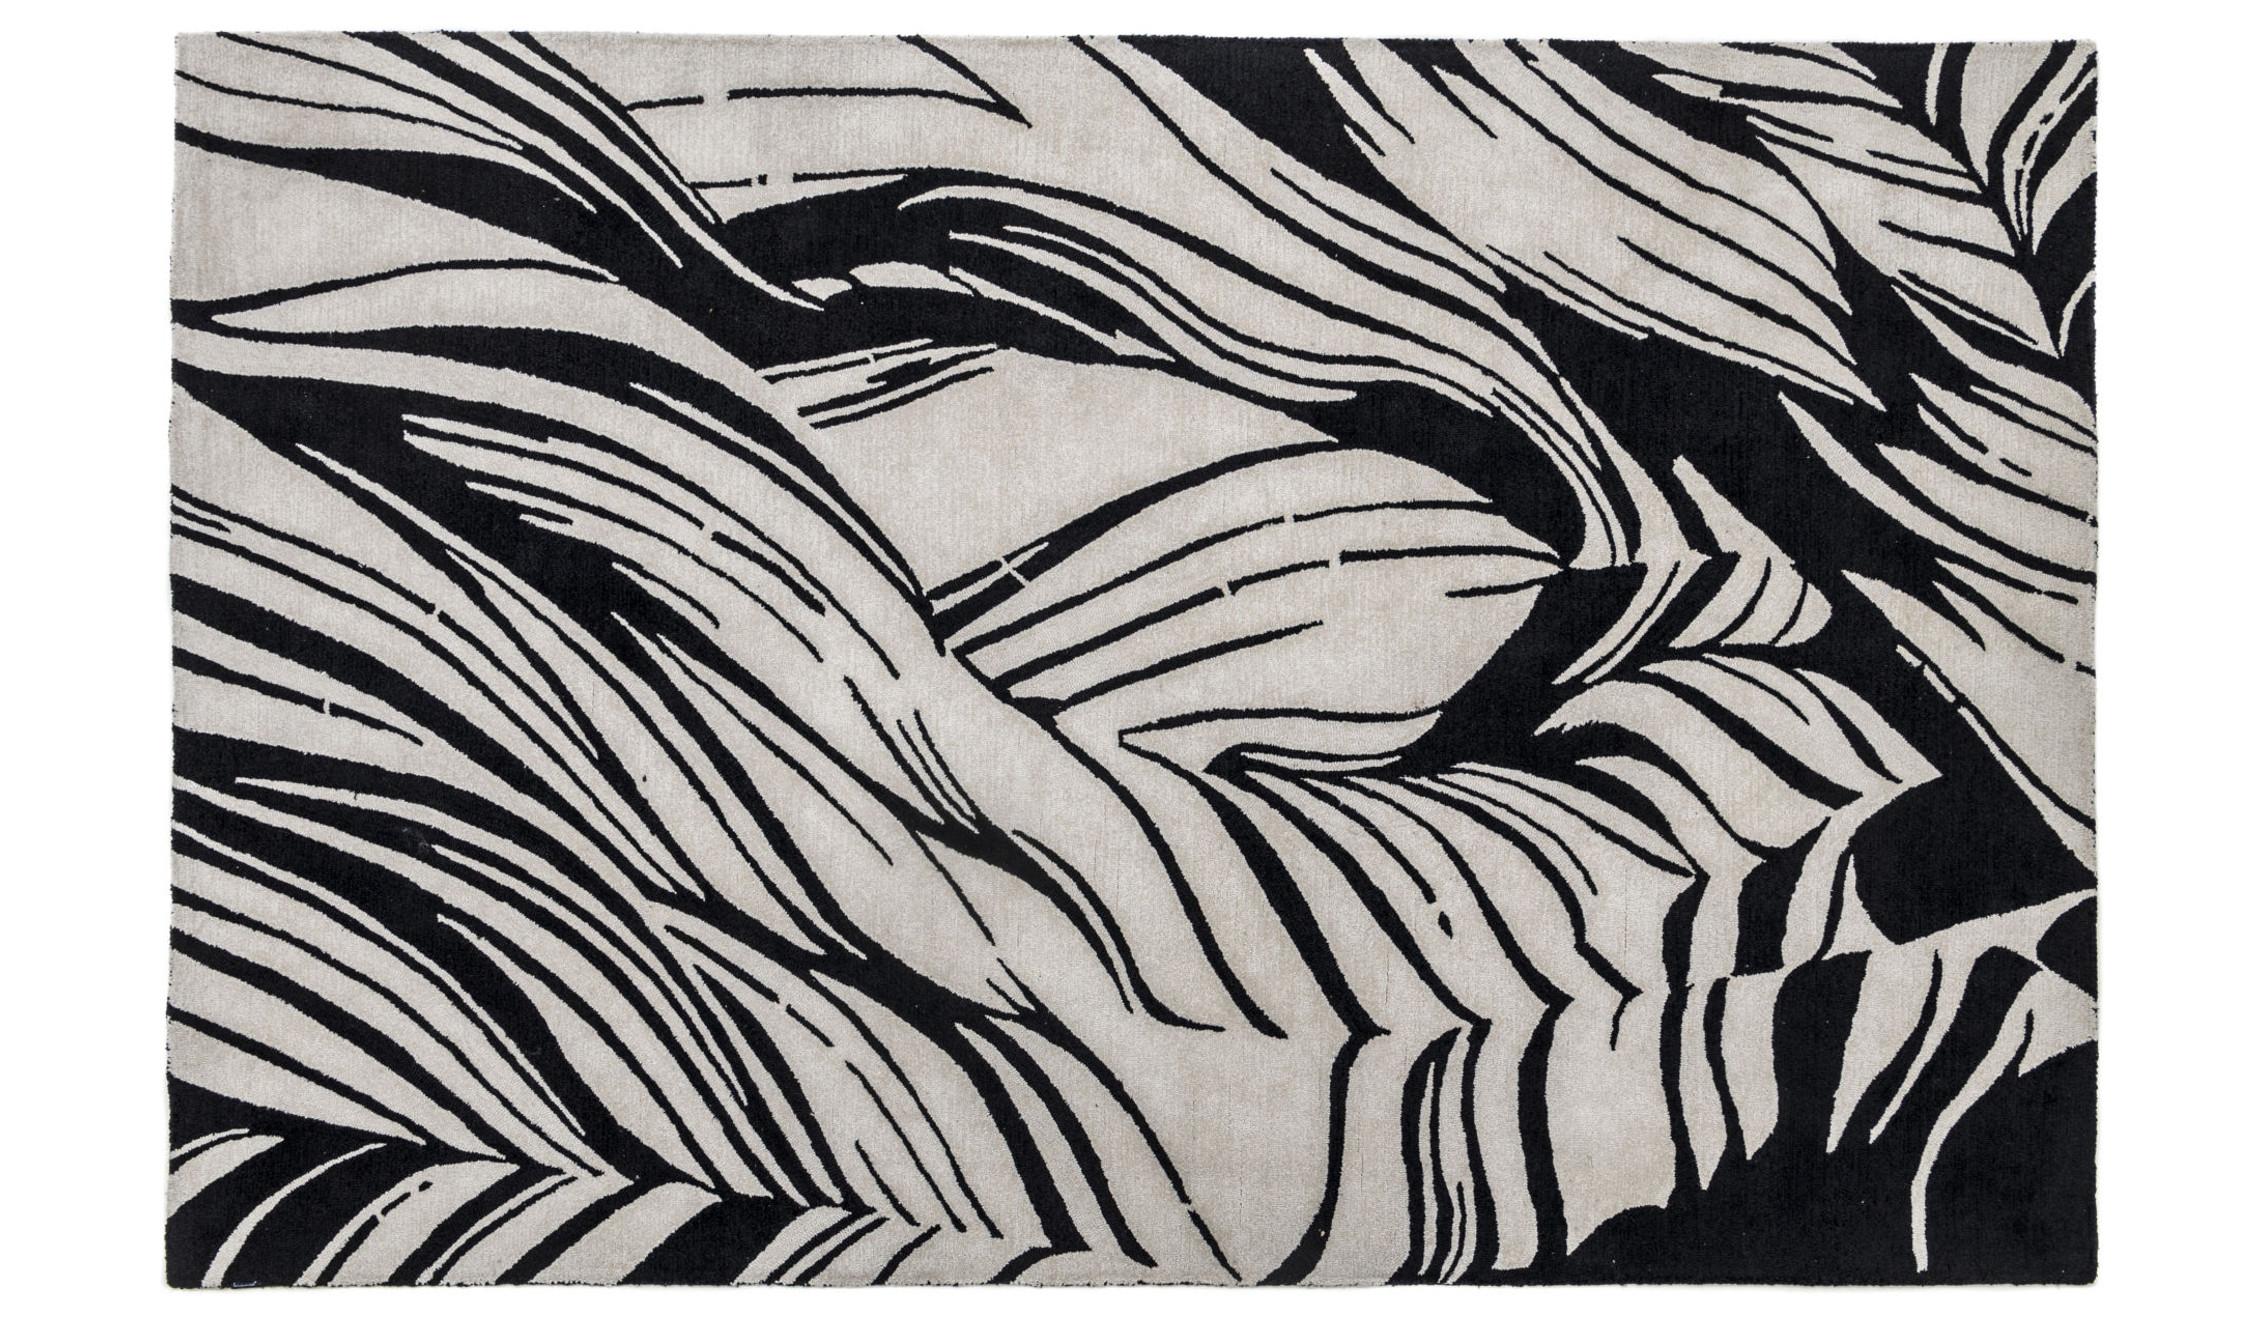 Nachhaltiger Teppich aus Polyester in schwarzweiß